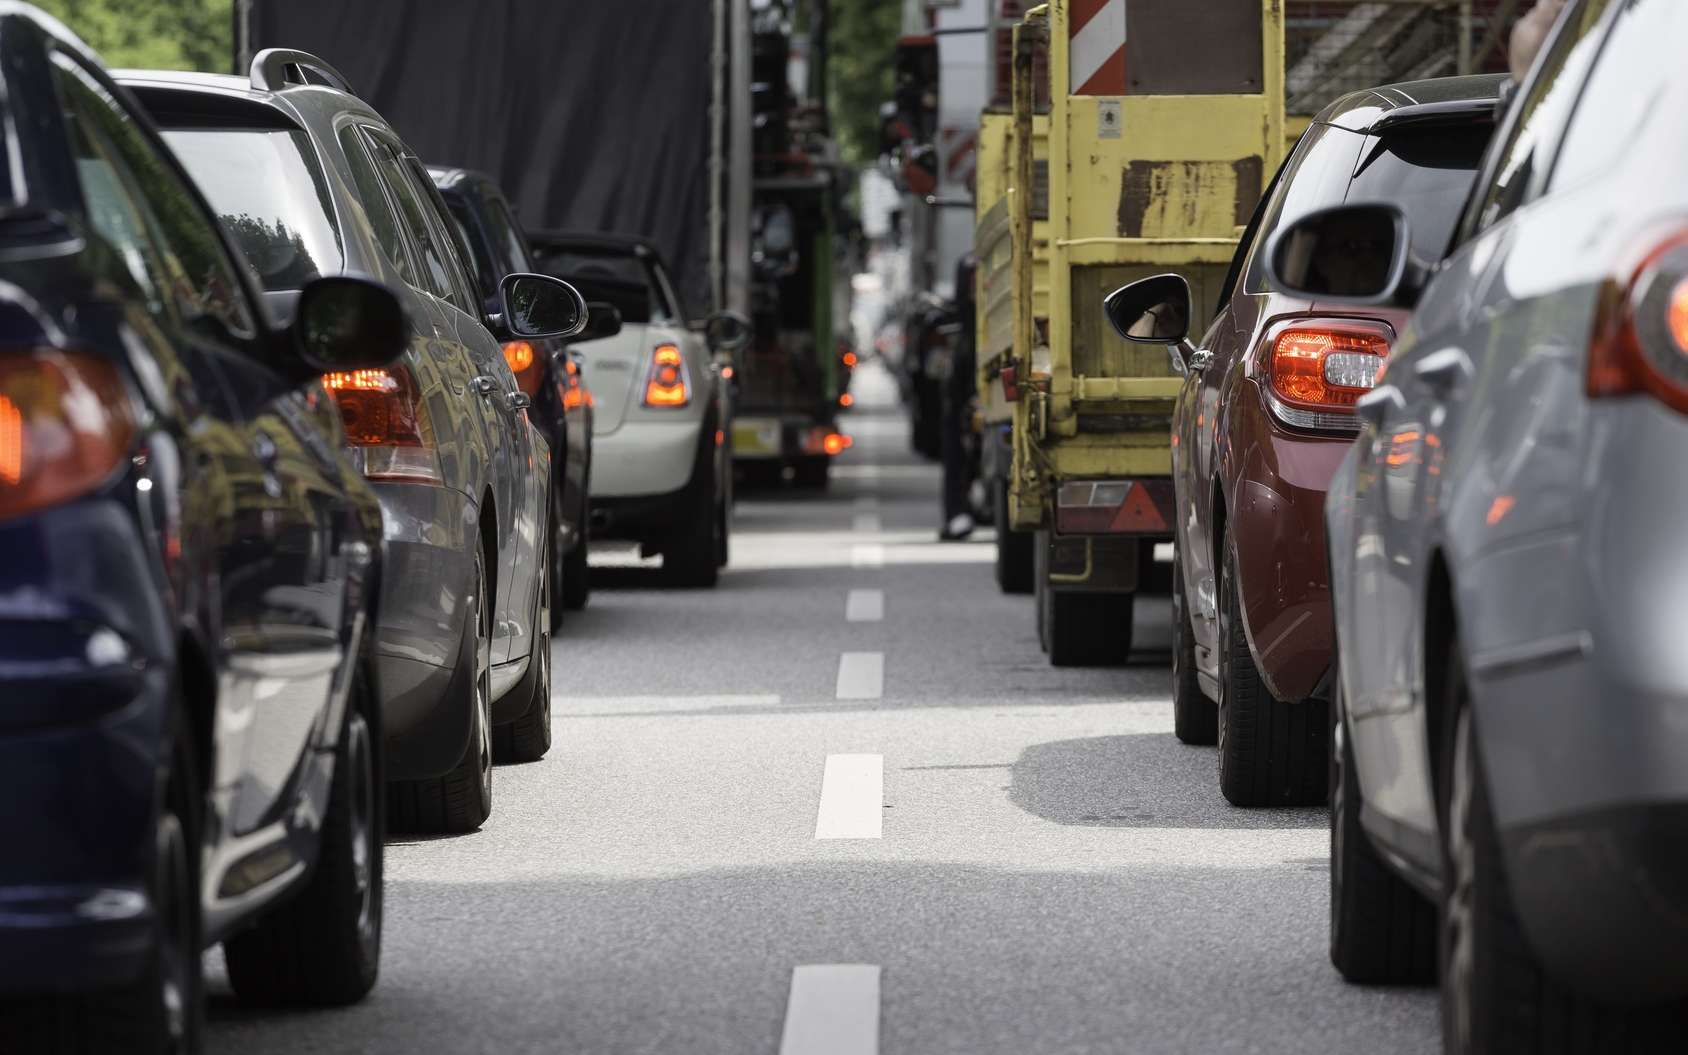 Les véhicules diesel émettraient bien plus de molécules toxiques en conditions réelles que lors des tests. © Kara, Fotolia